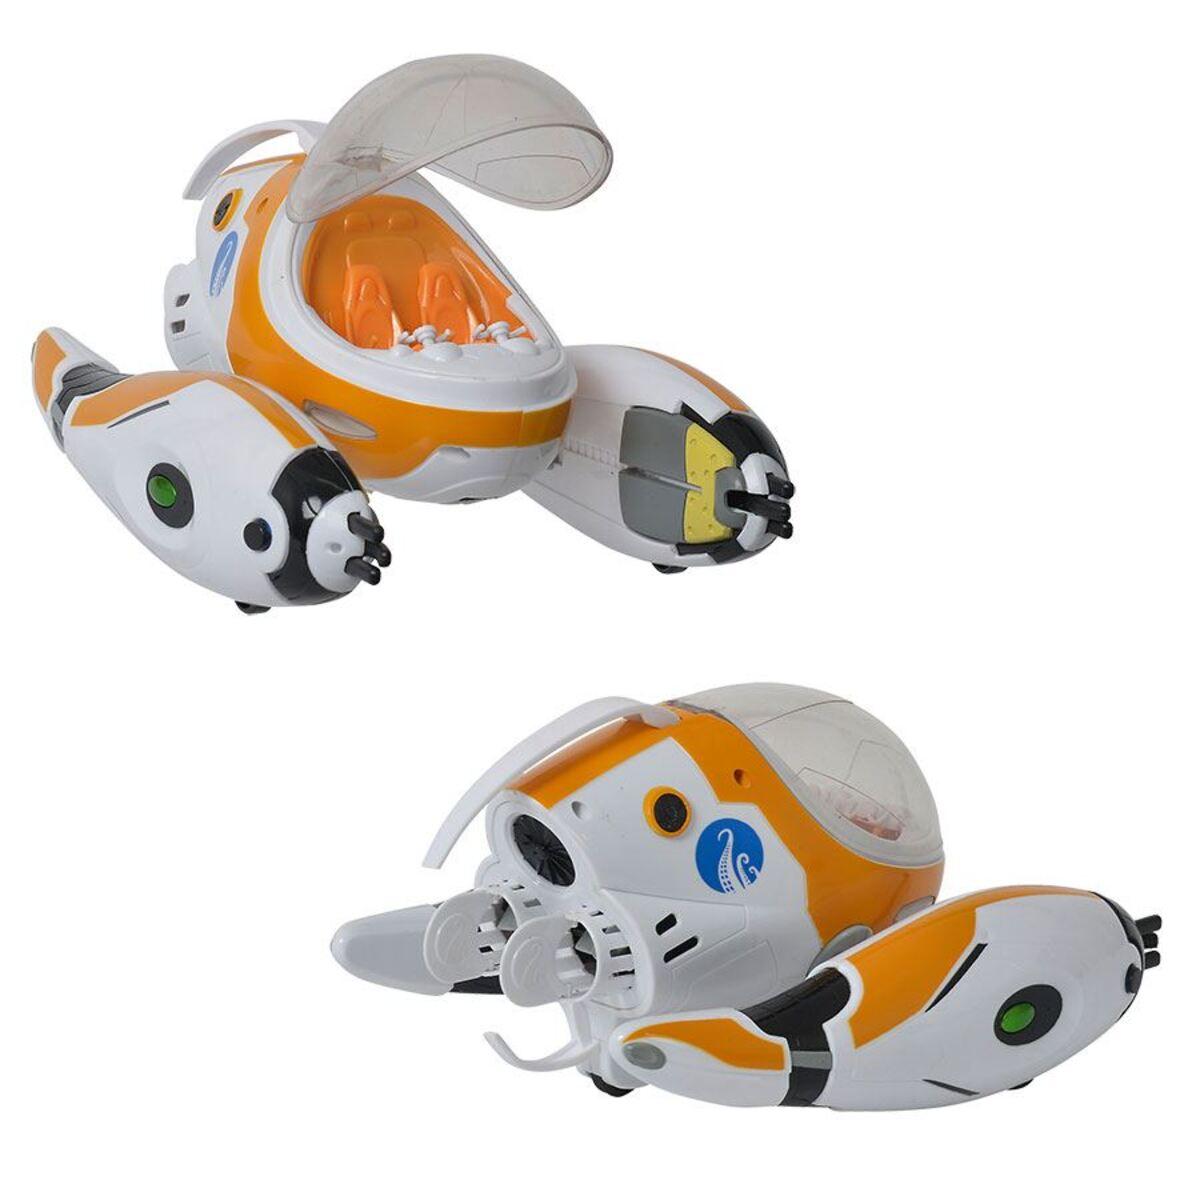 Bild 2 von Simba Die Nektons Actionfigur Rover